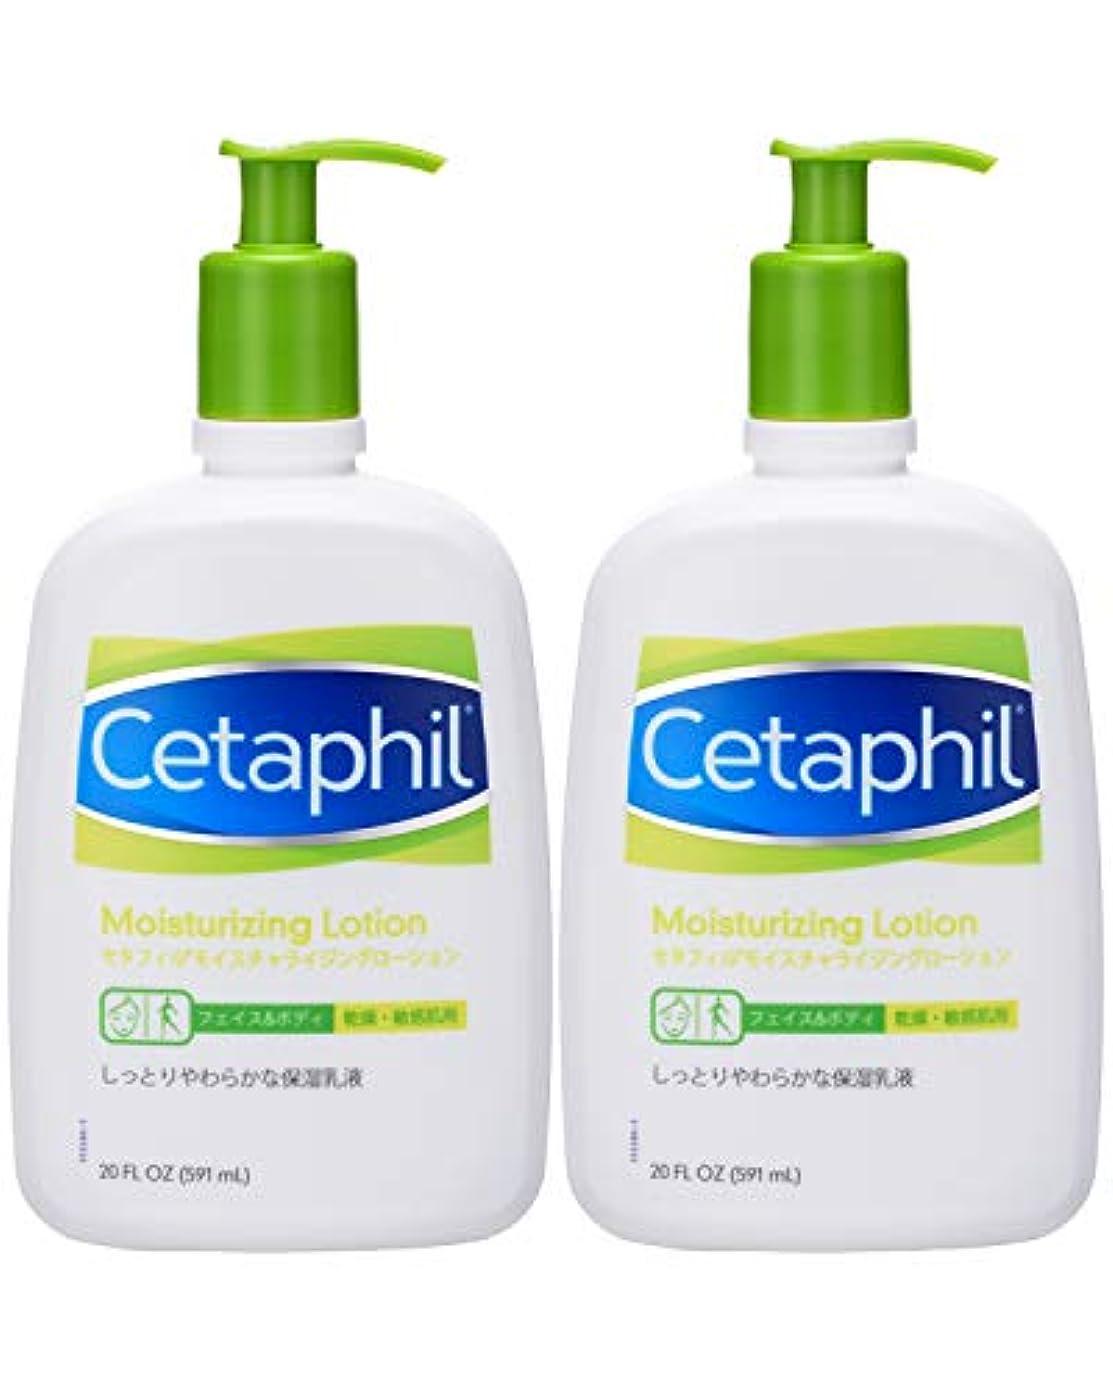 うがいカロリーここにセタフィル Cetaphil ® モイスチャライジングローション 591ml 2本組 ( フェイス & ボディ 保湿乳液 ローション )